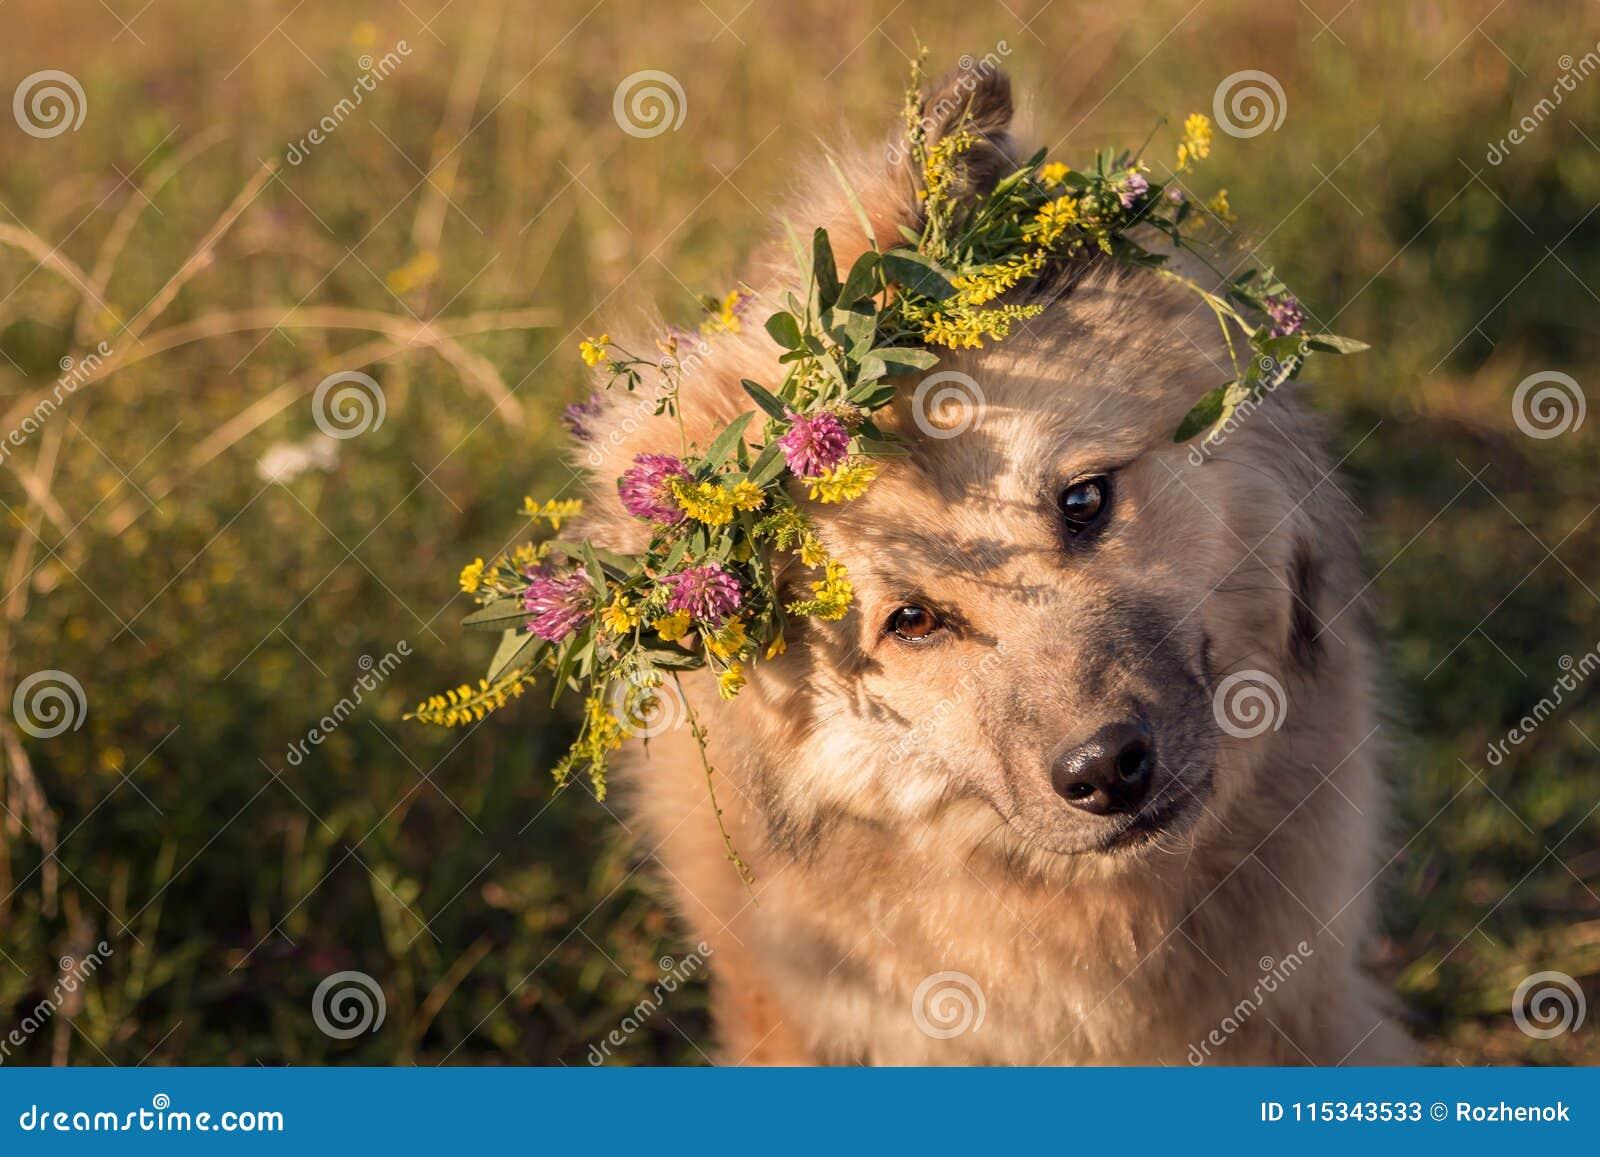 Le chien de couleur sable hirsute a plié sa tête et sembler intéressé au photographe